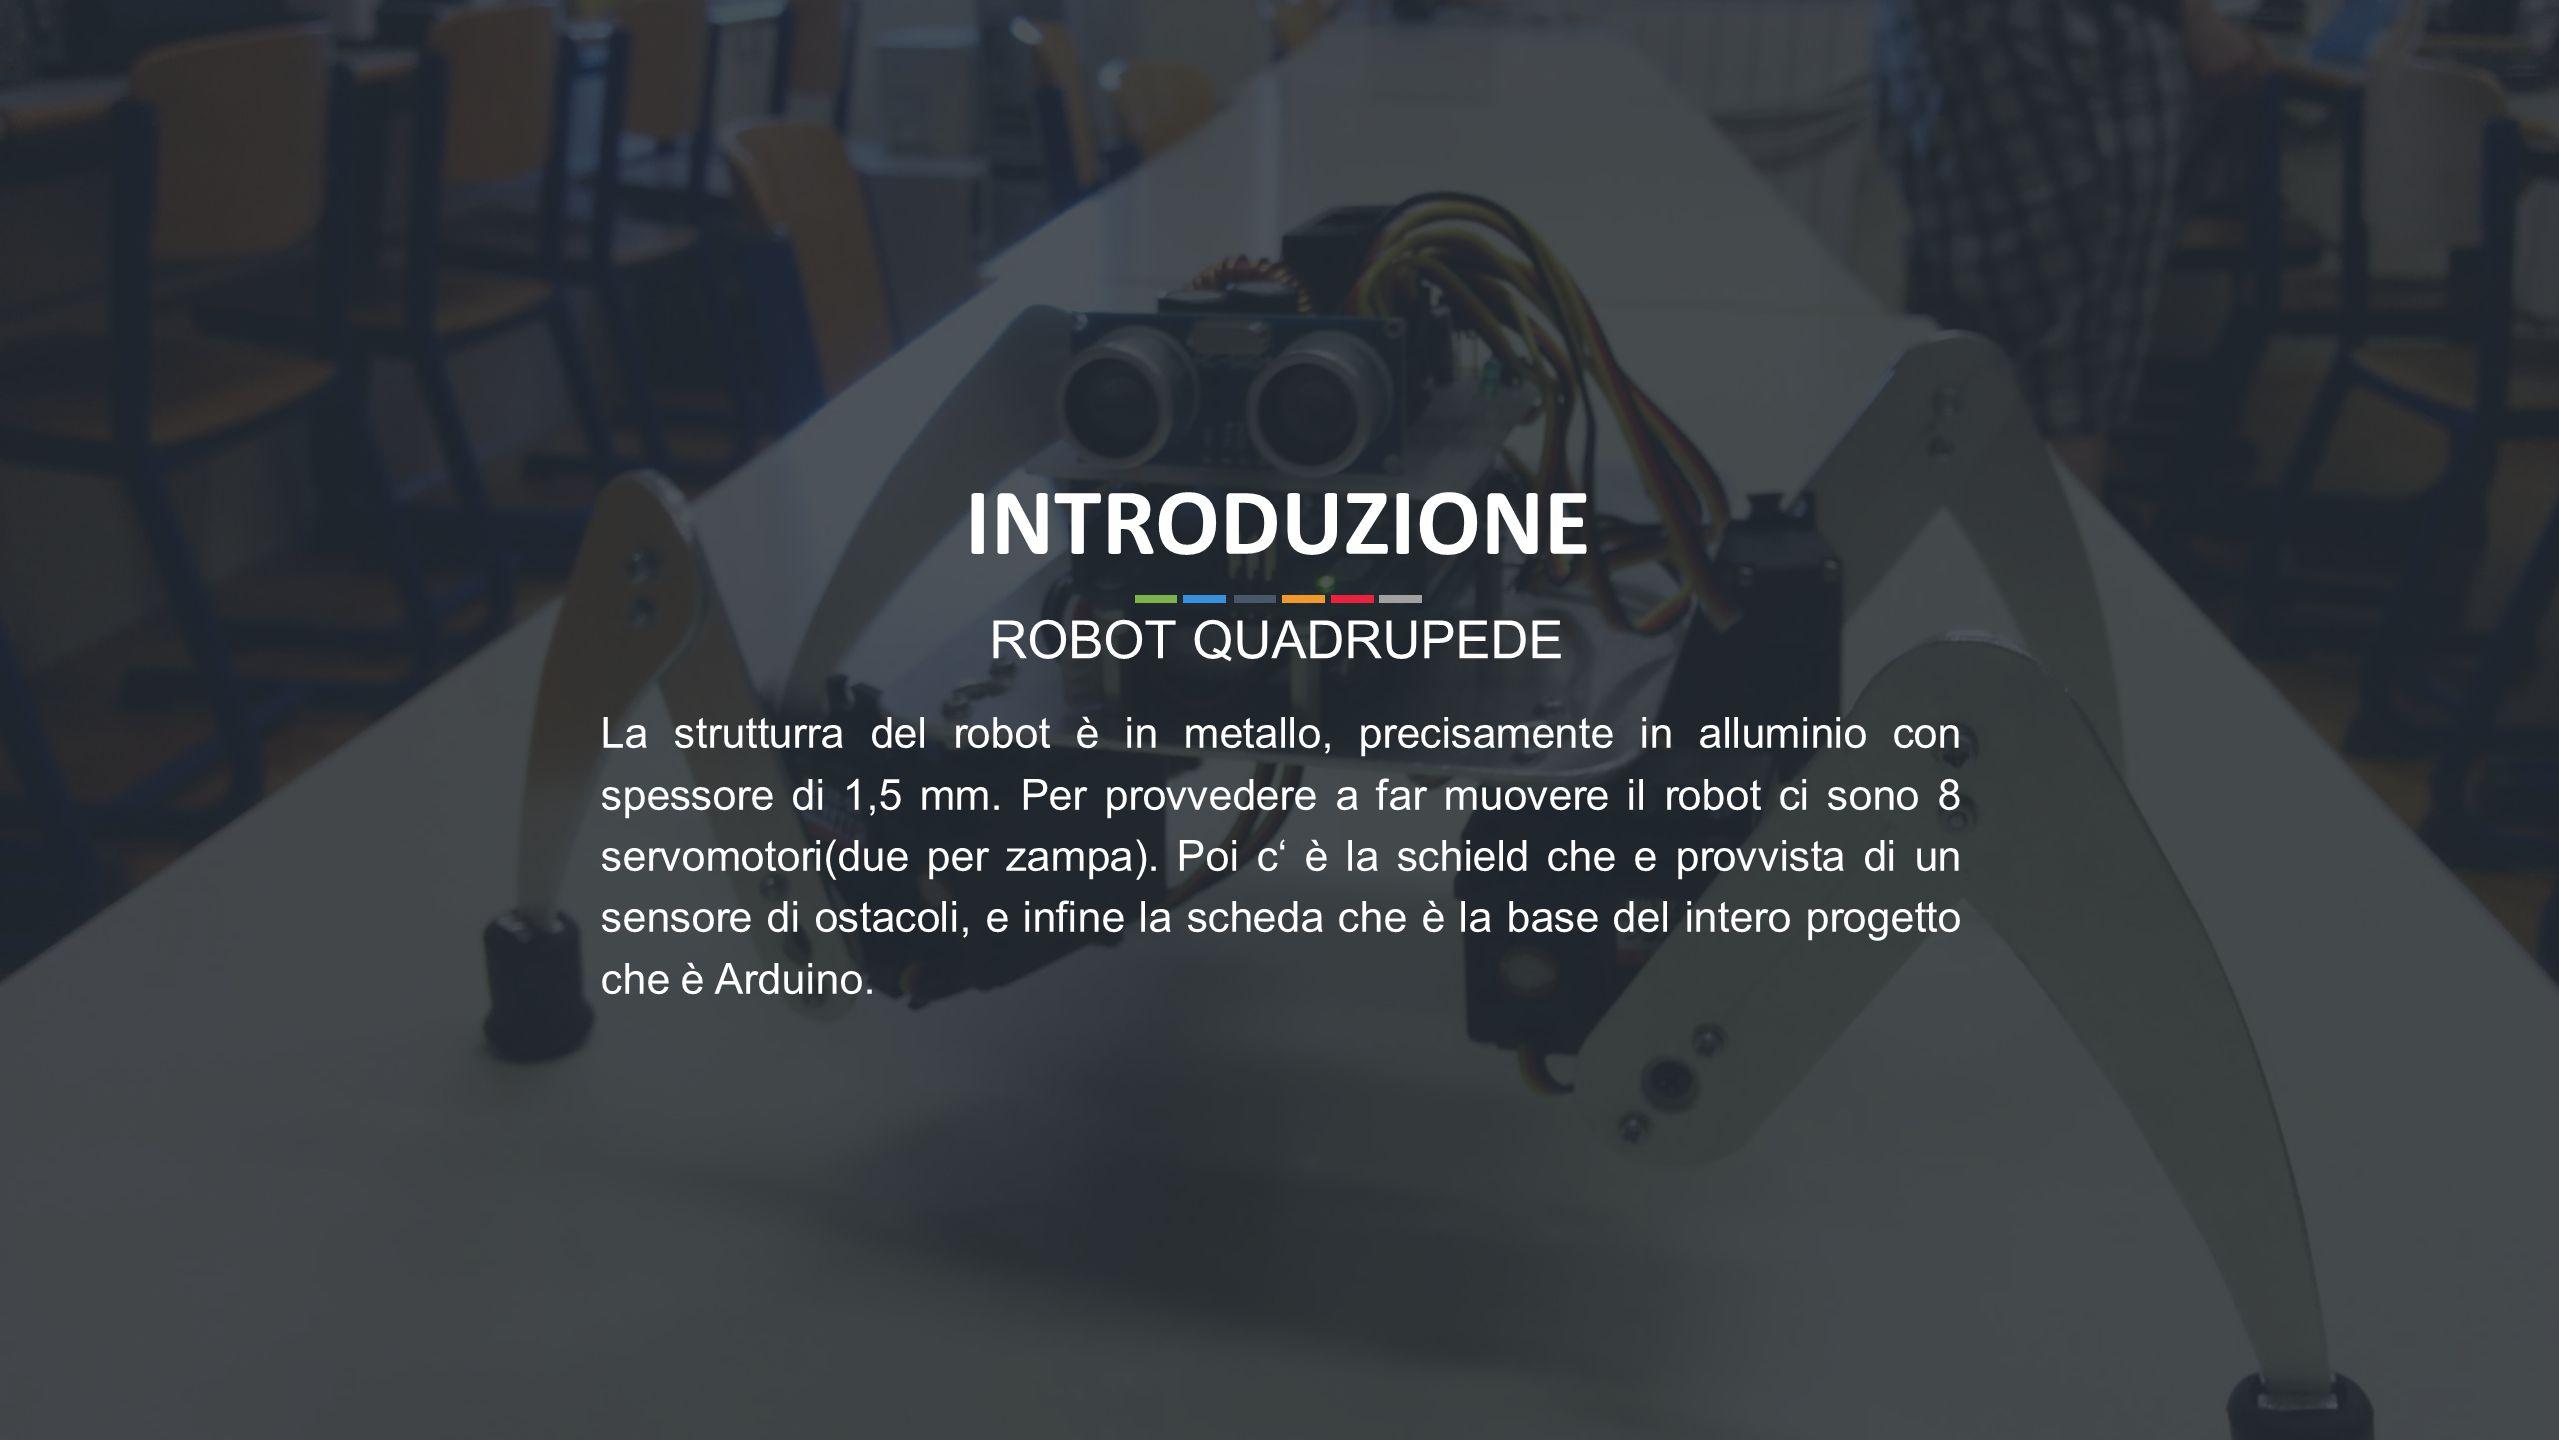 3 La strutturra del robot è in metallo, precisamente in alluminio con spessore di 1,5 mm. Per provvedere a far muovere il robot ci sono 8 servomotori(